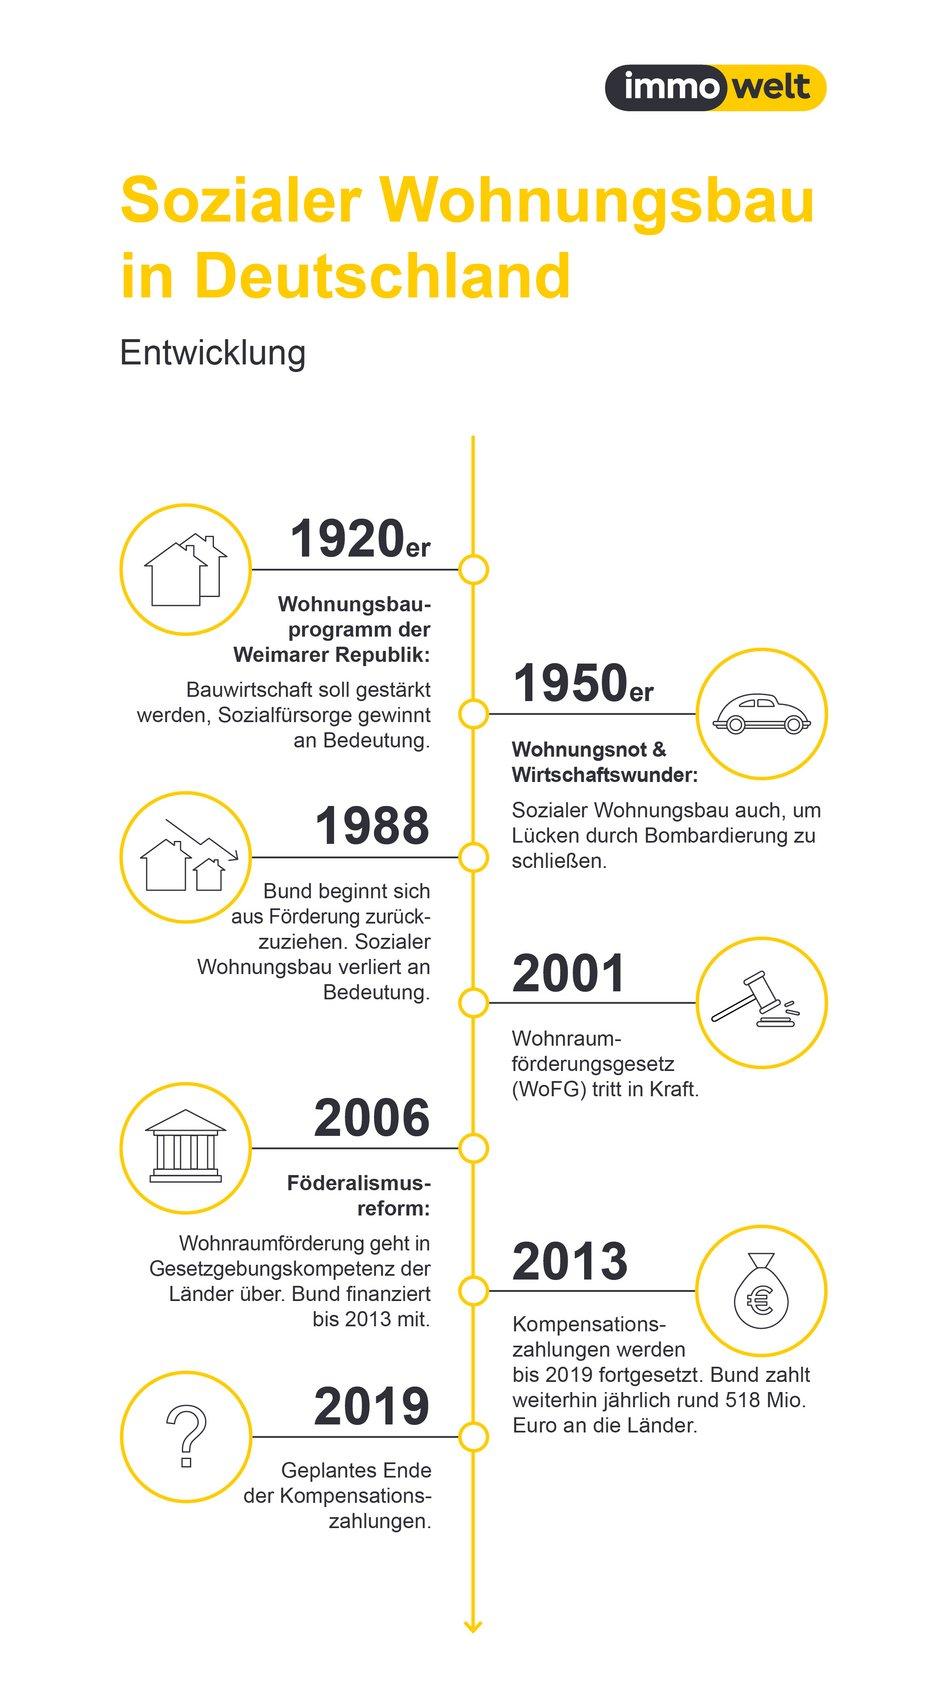 sozialer Wohnungsbau, geschichtliche Entwicklung, Grafik: immowelt.de